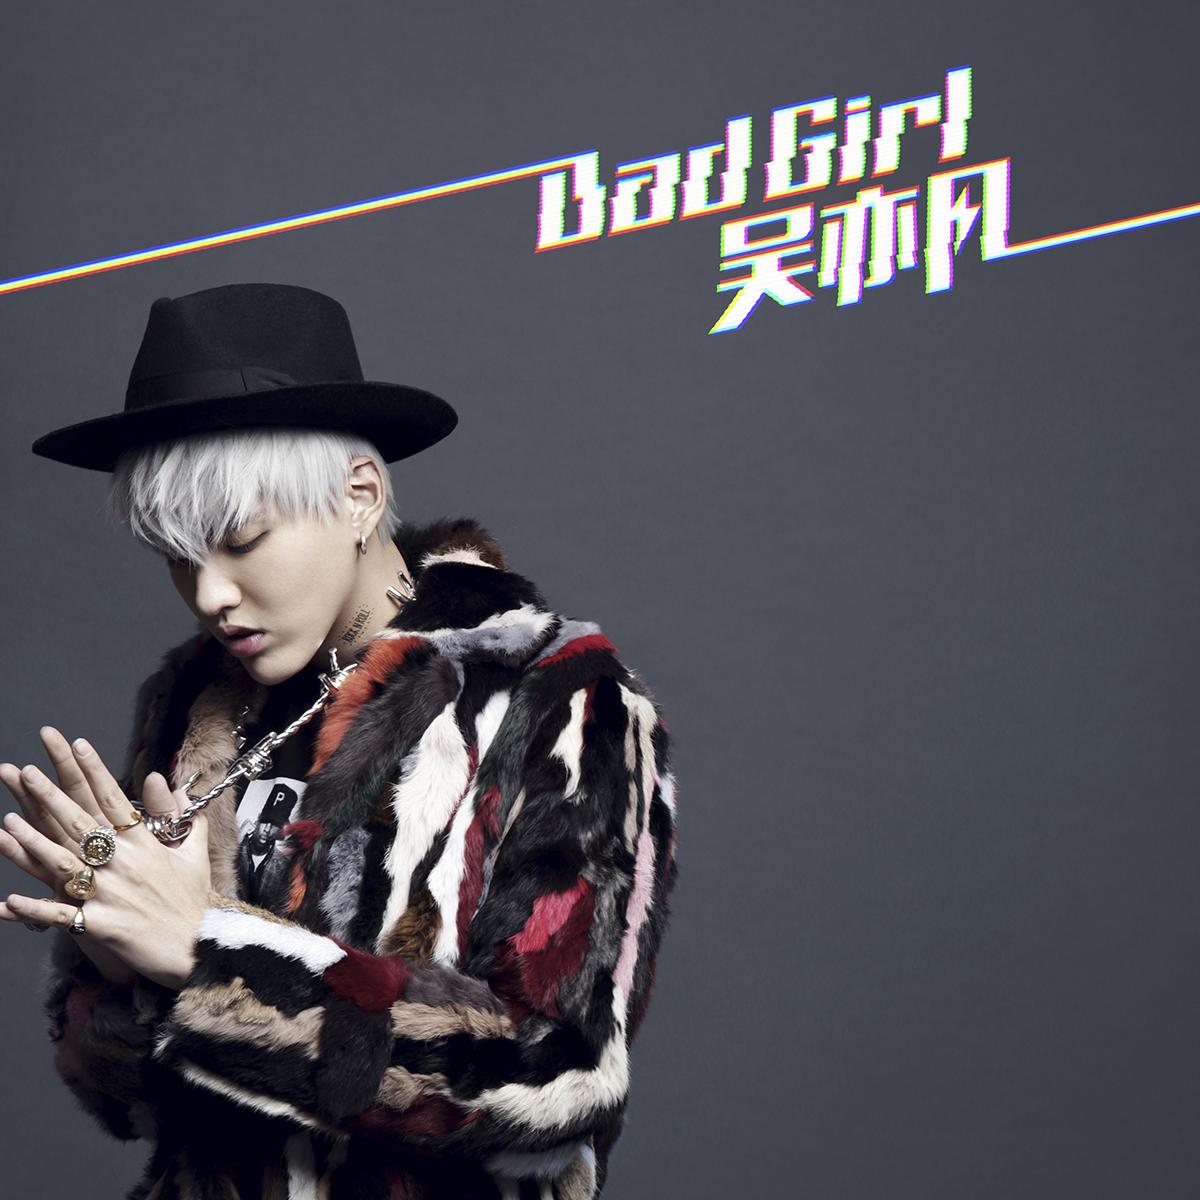 Bad Girl (Kris Wu)